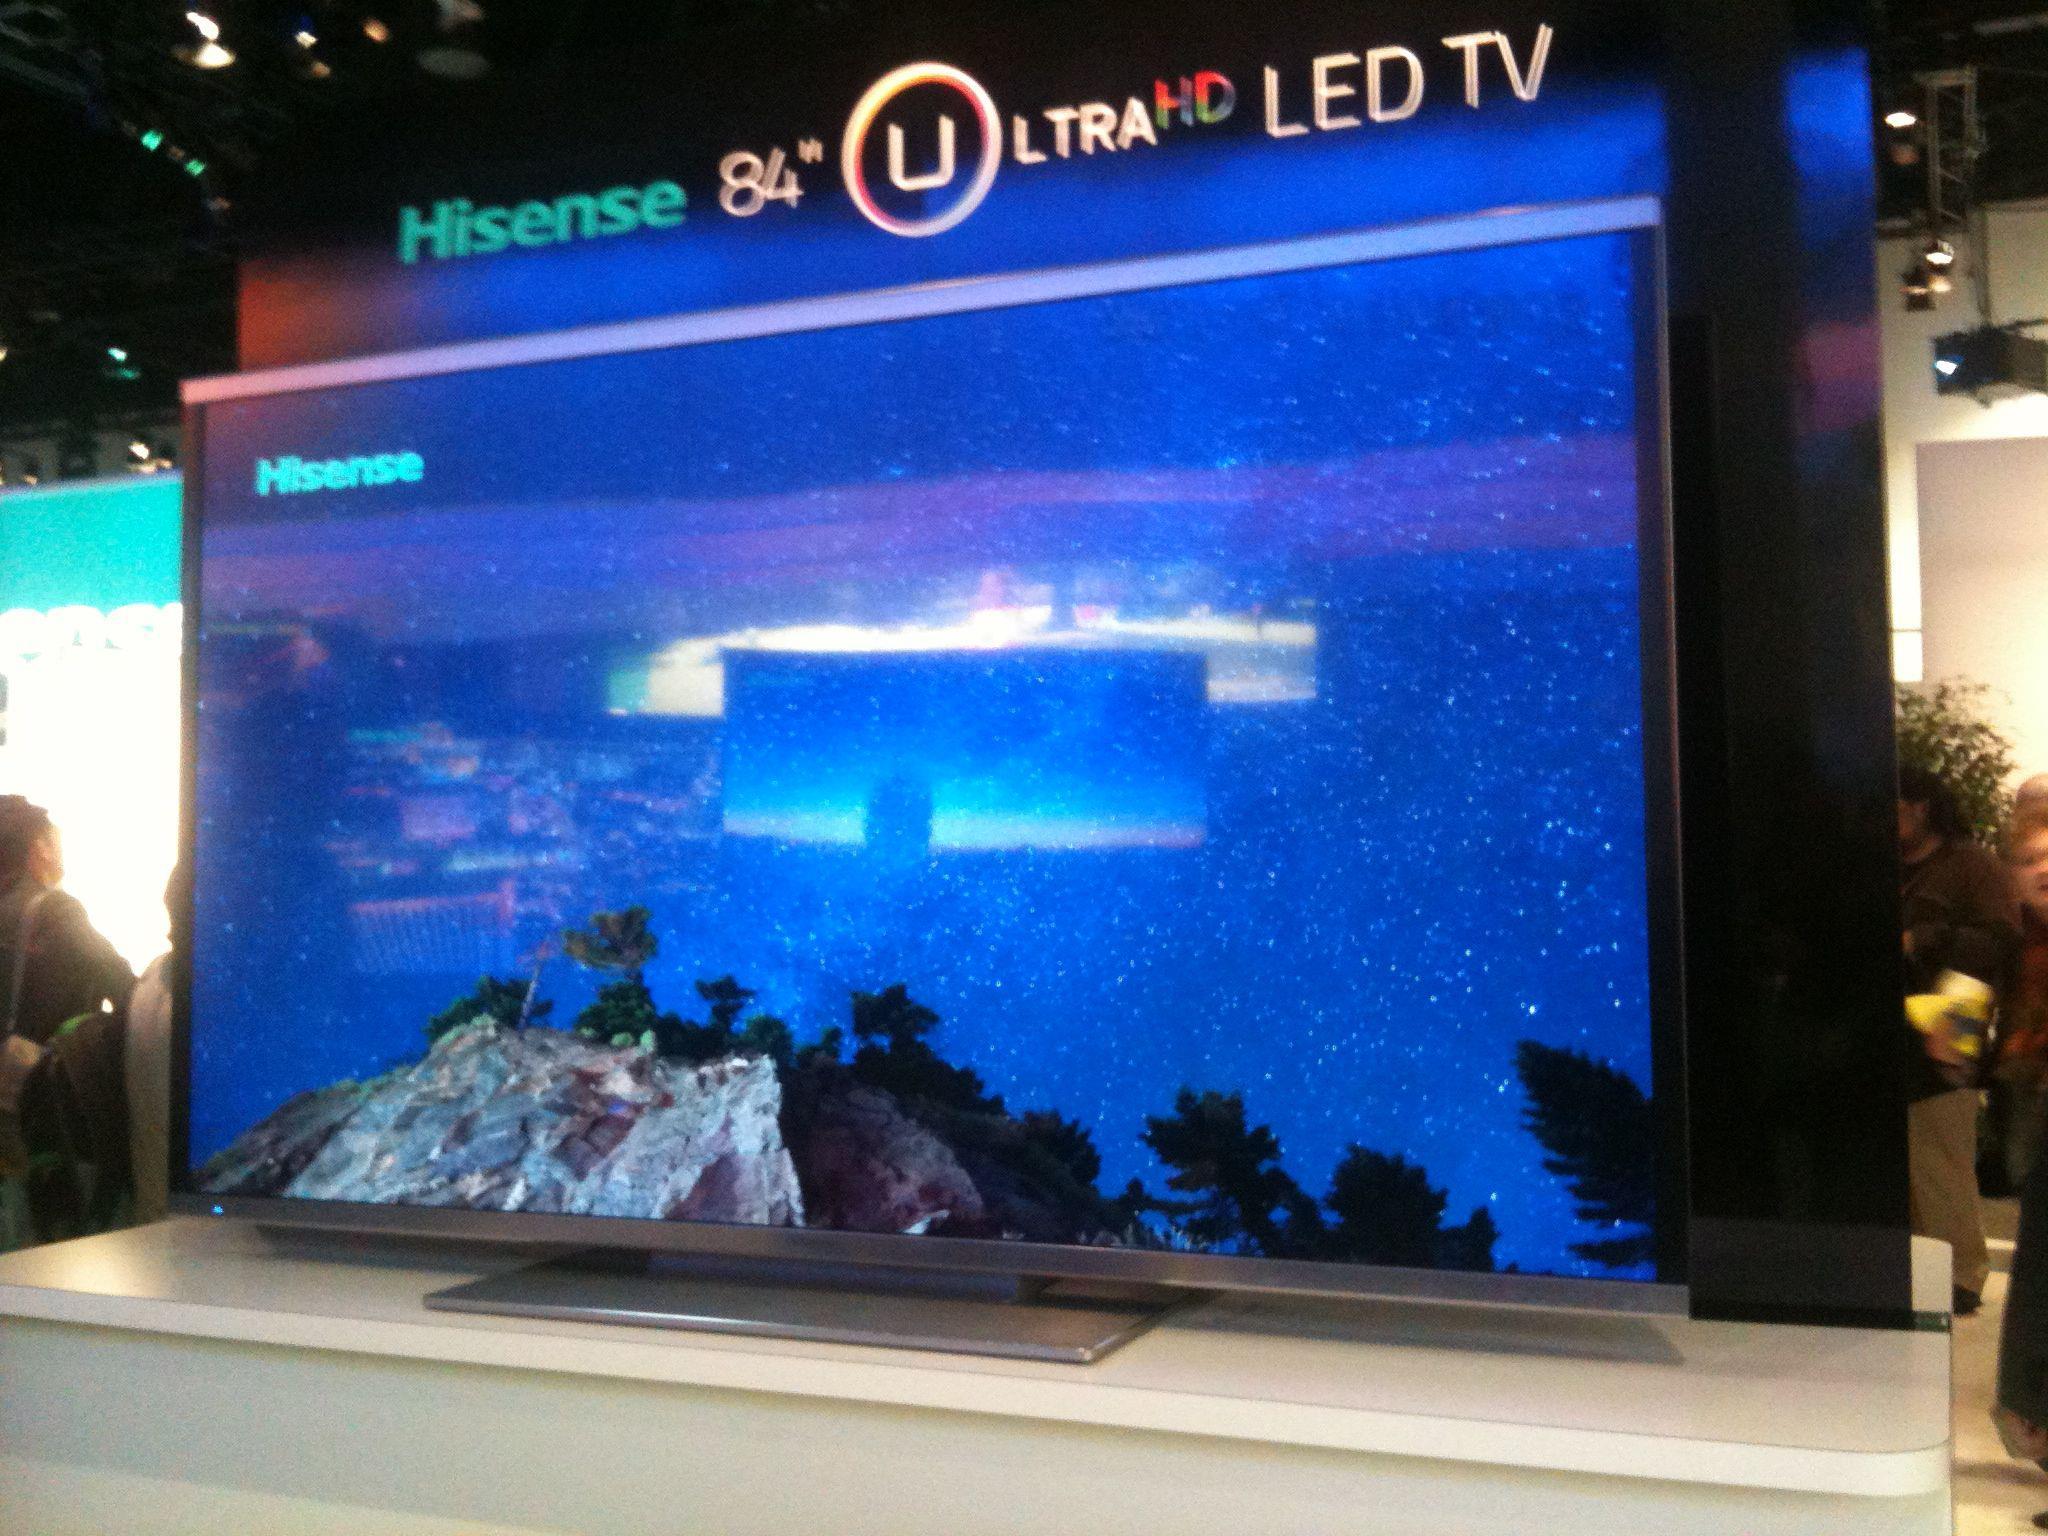 La TV mas grande del mundo 110 pulgadas